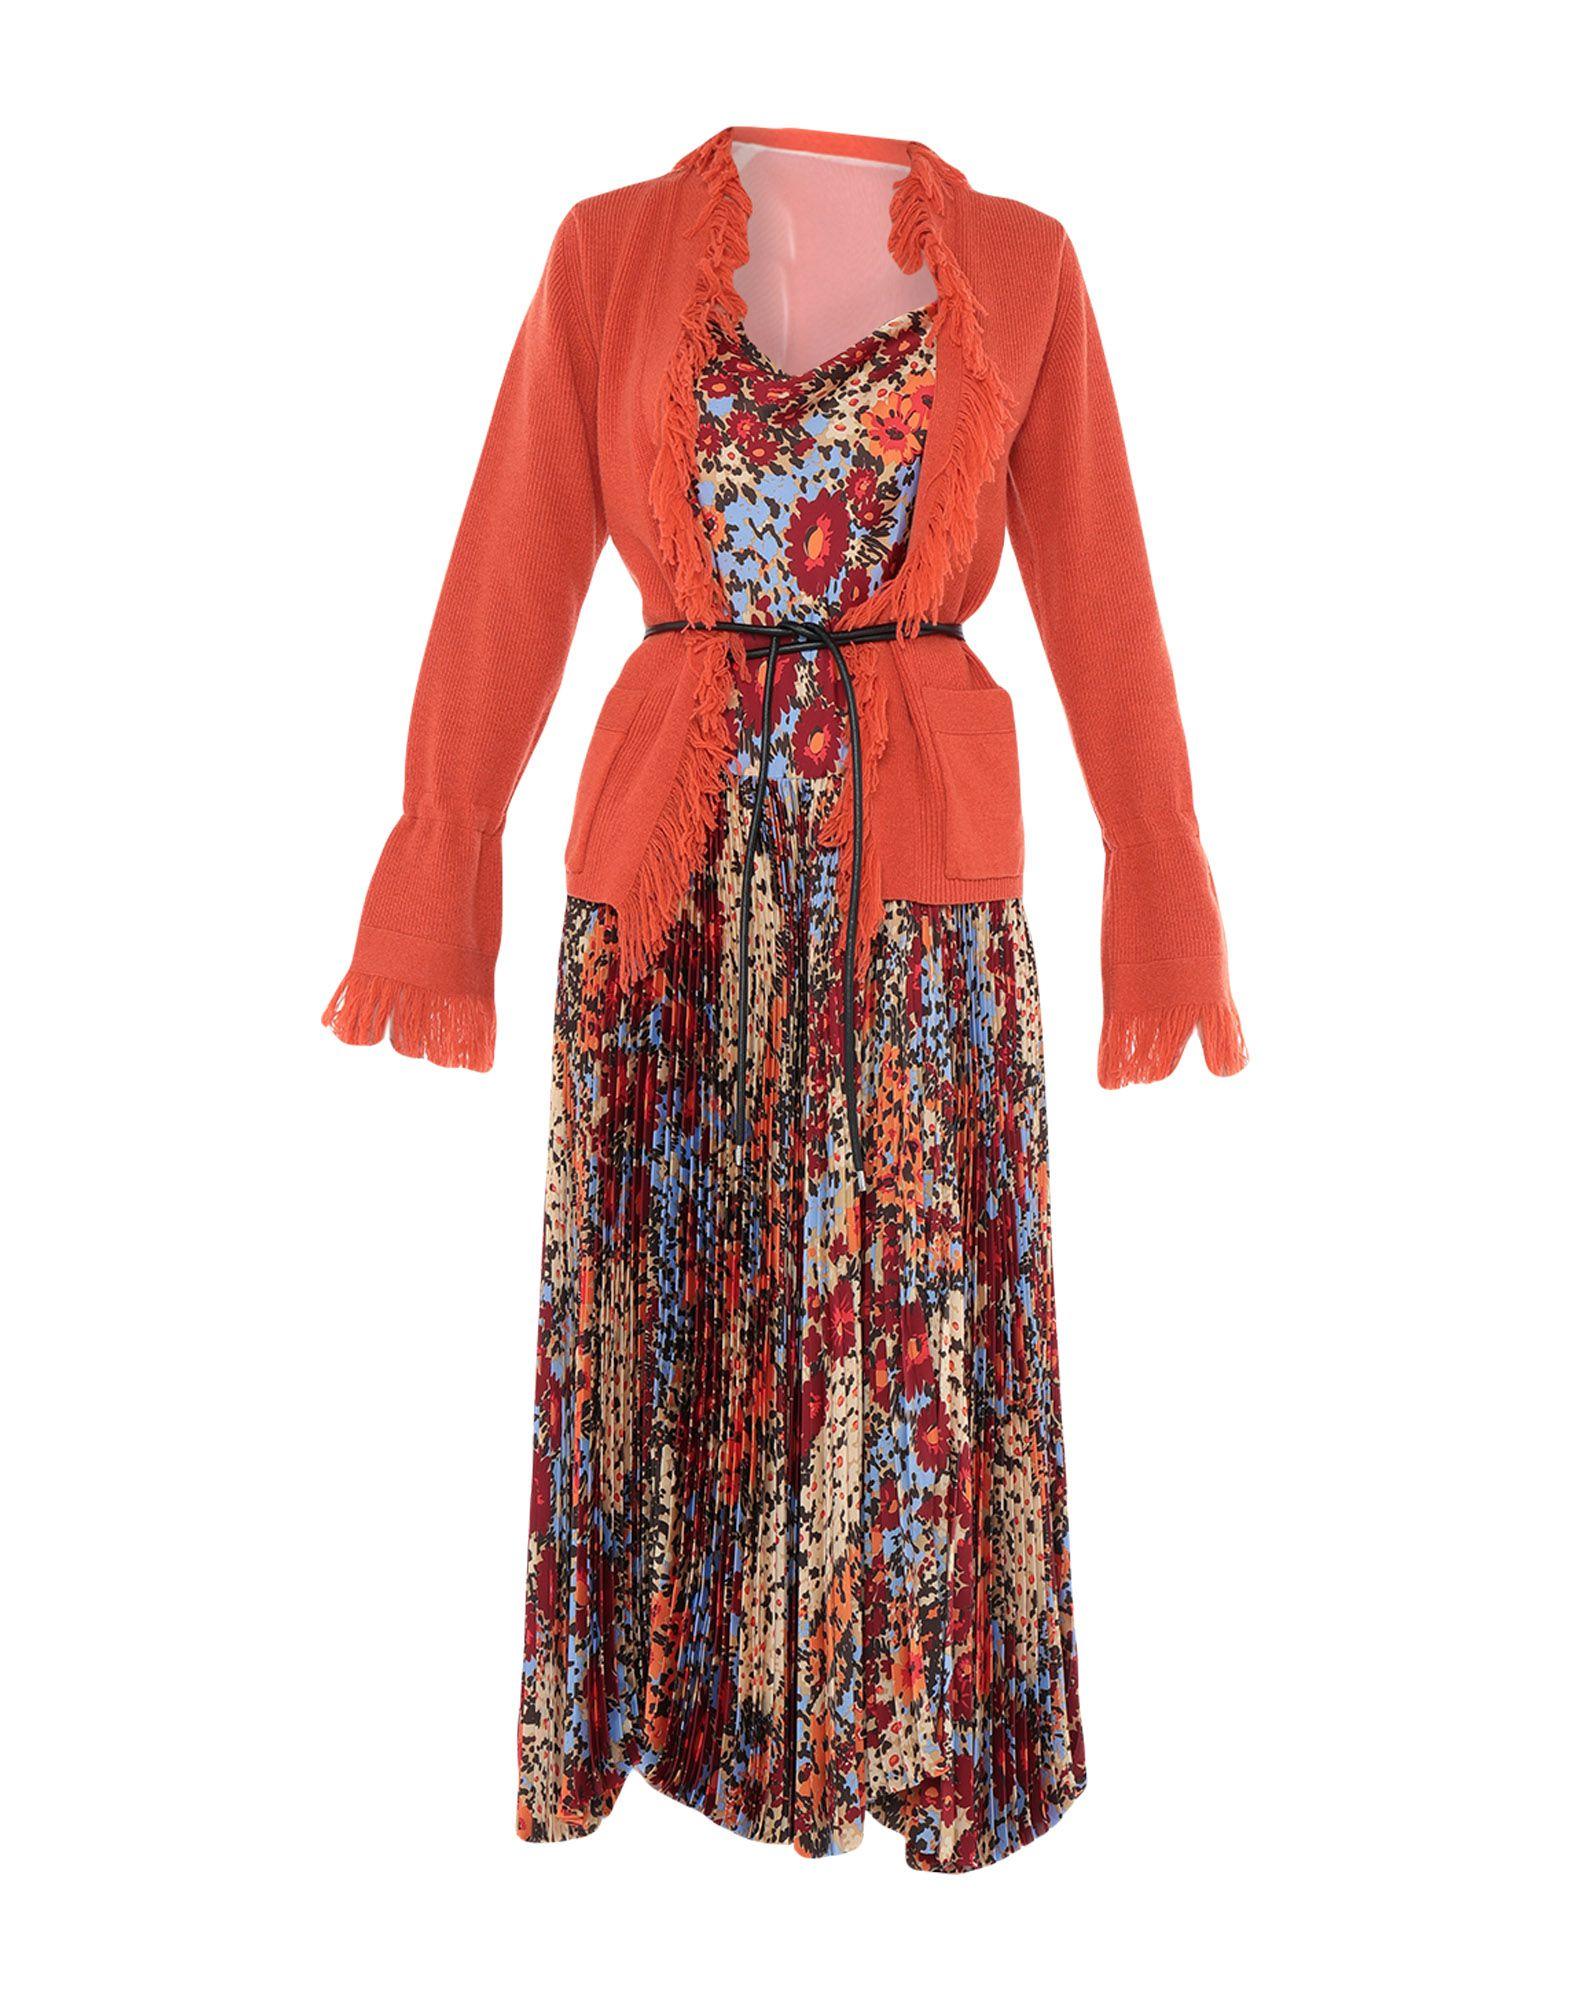 купить SACAI Платье длиной 3/4 по цене 48500 рублей